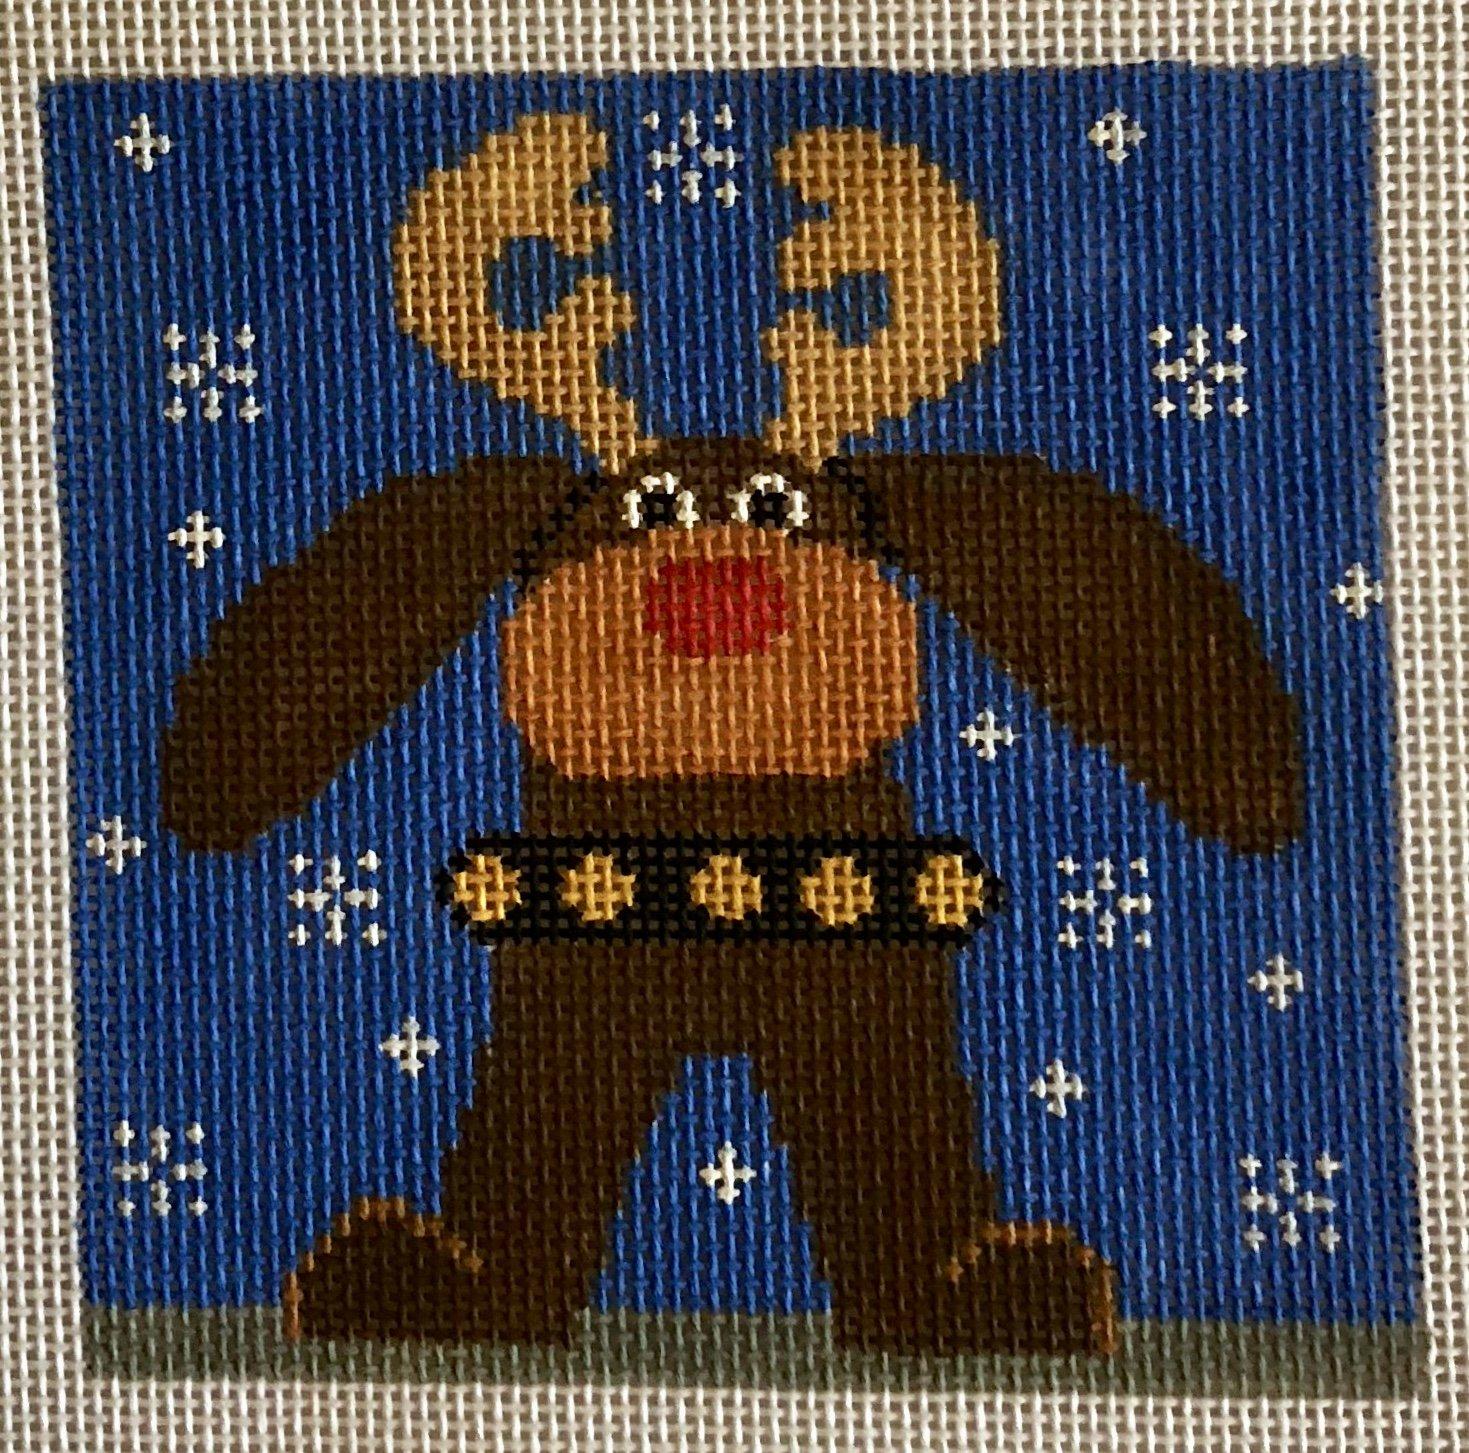 reindeer by annie